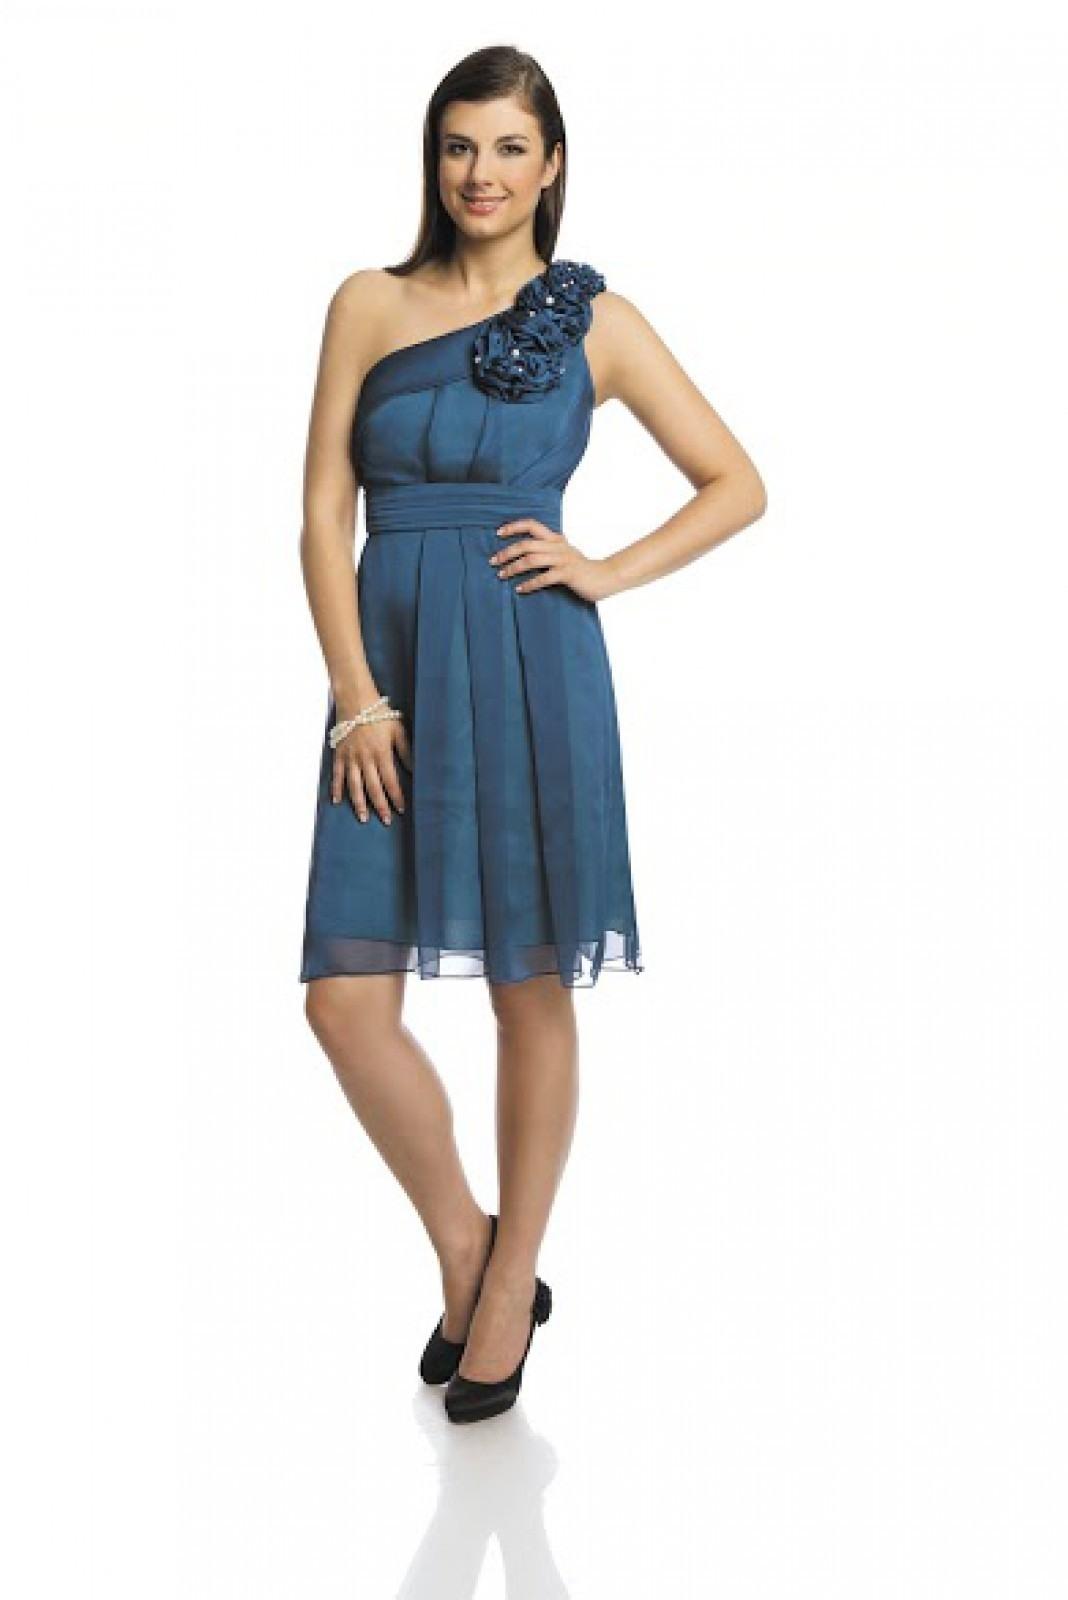 10 Spektakulär Kleider In Blau Vertrieb Erstaunlich Kleider In Blau Stylish